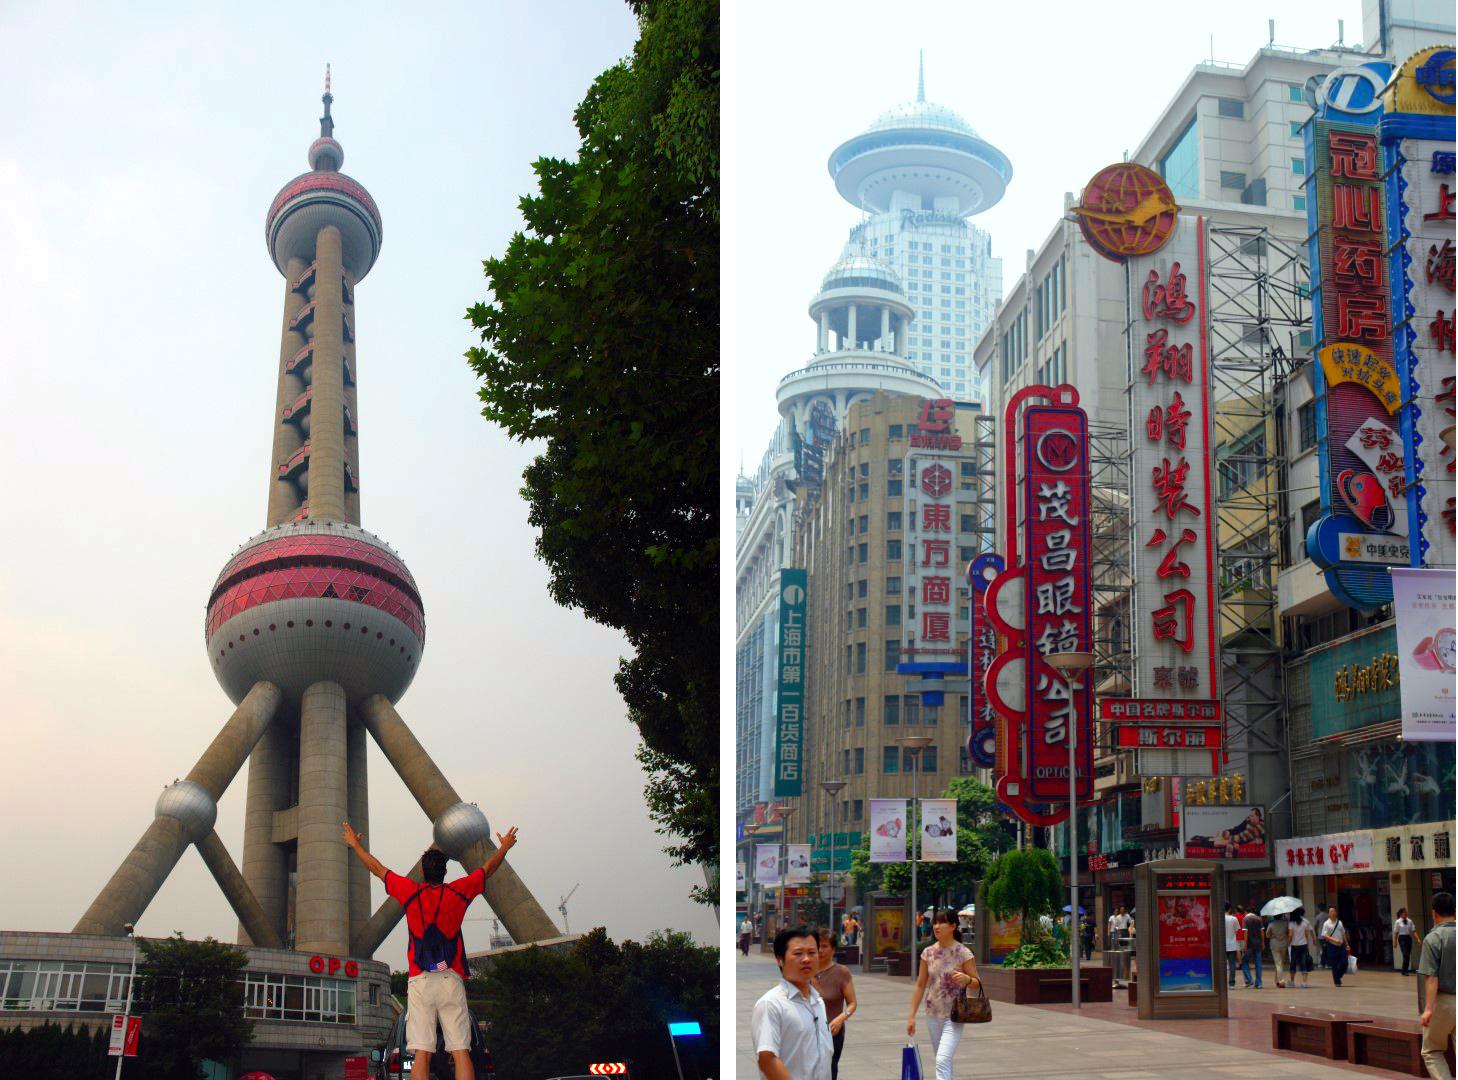 qué ver en Shanghai, China qué ver en shanghai - 32435928921 b5e5e99c9a o - Qué ver en Shanghai, China